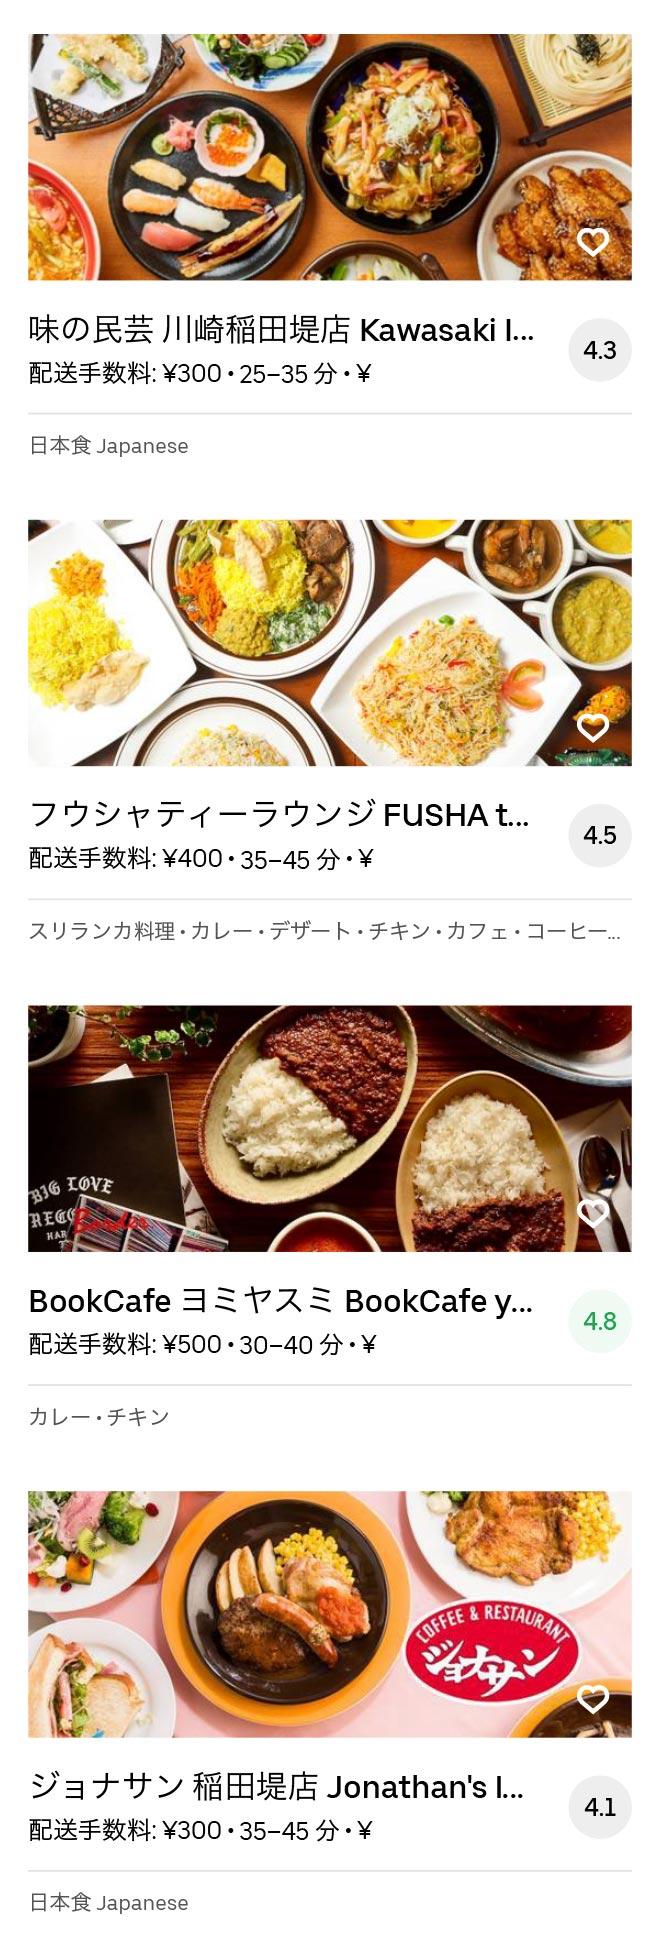 Inagi menu 2007 09